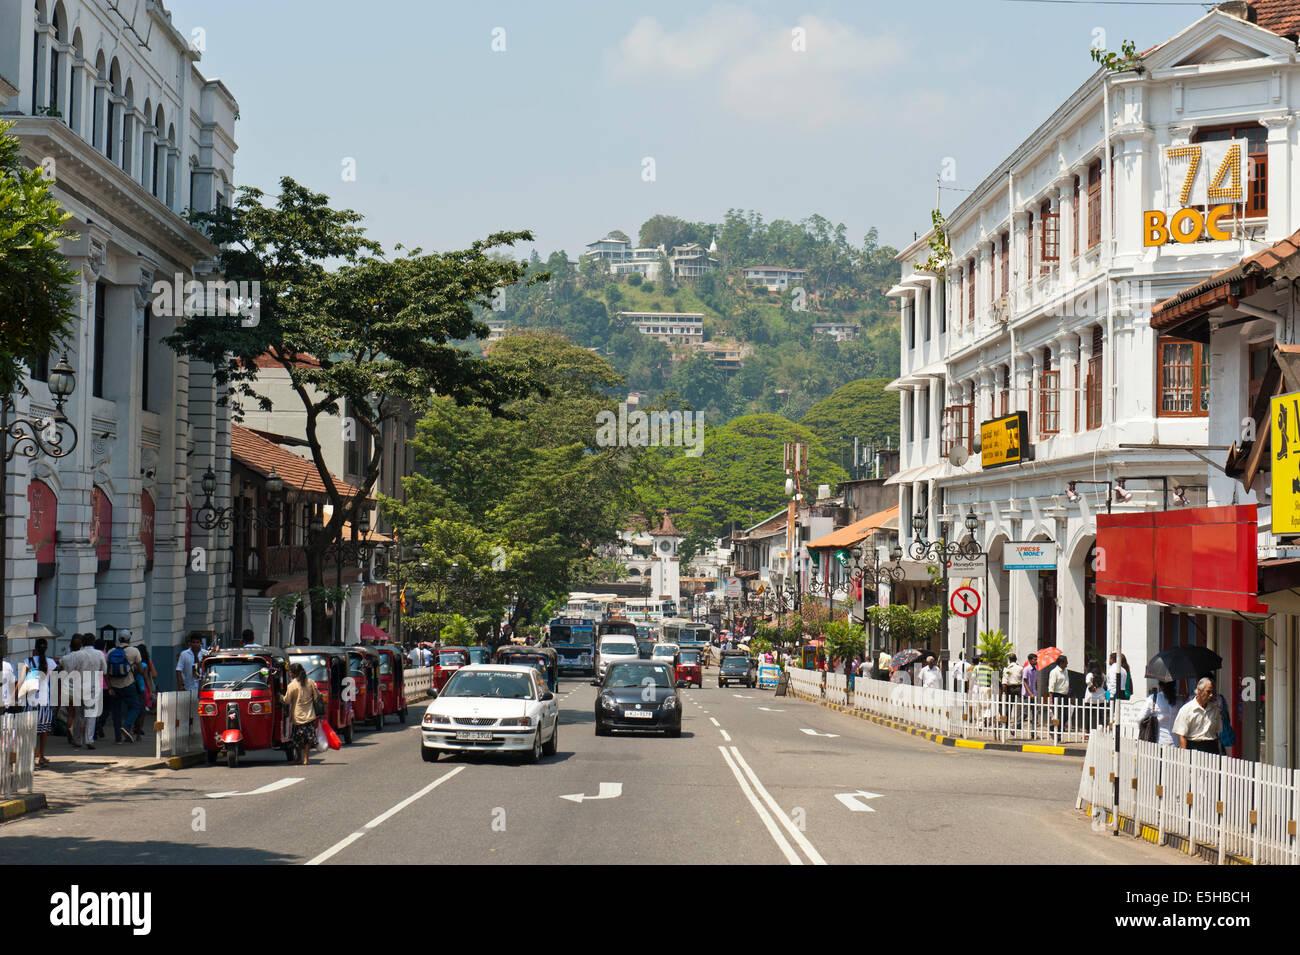 Architettura coloniale sulla strada principale, Kandy, Sri Lanka Immagini Stock